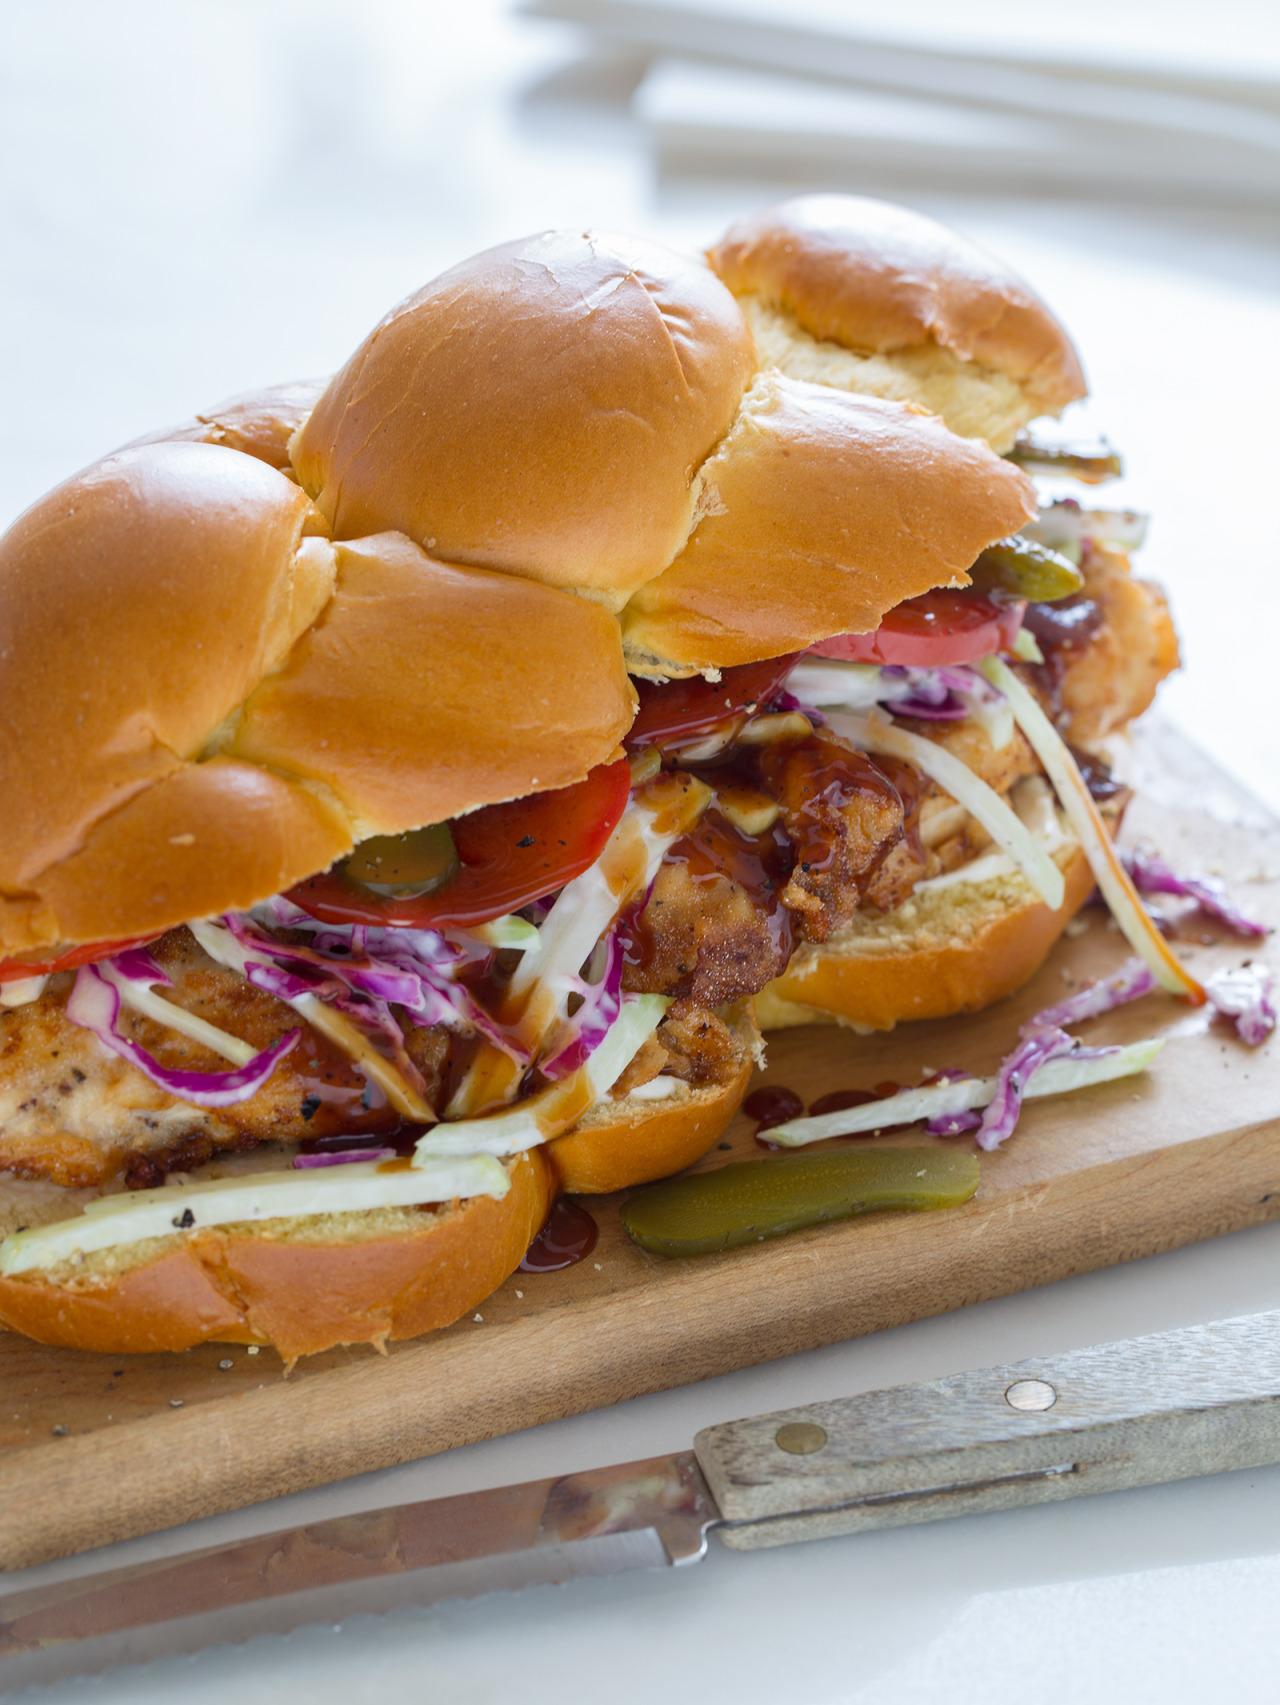 Recipe: Fried Chicken Sandwich